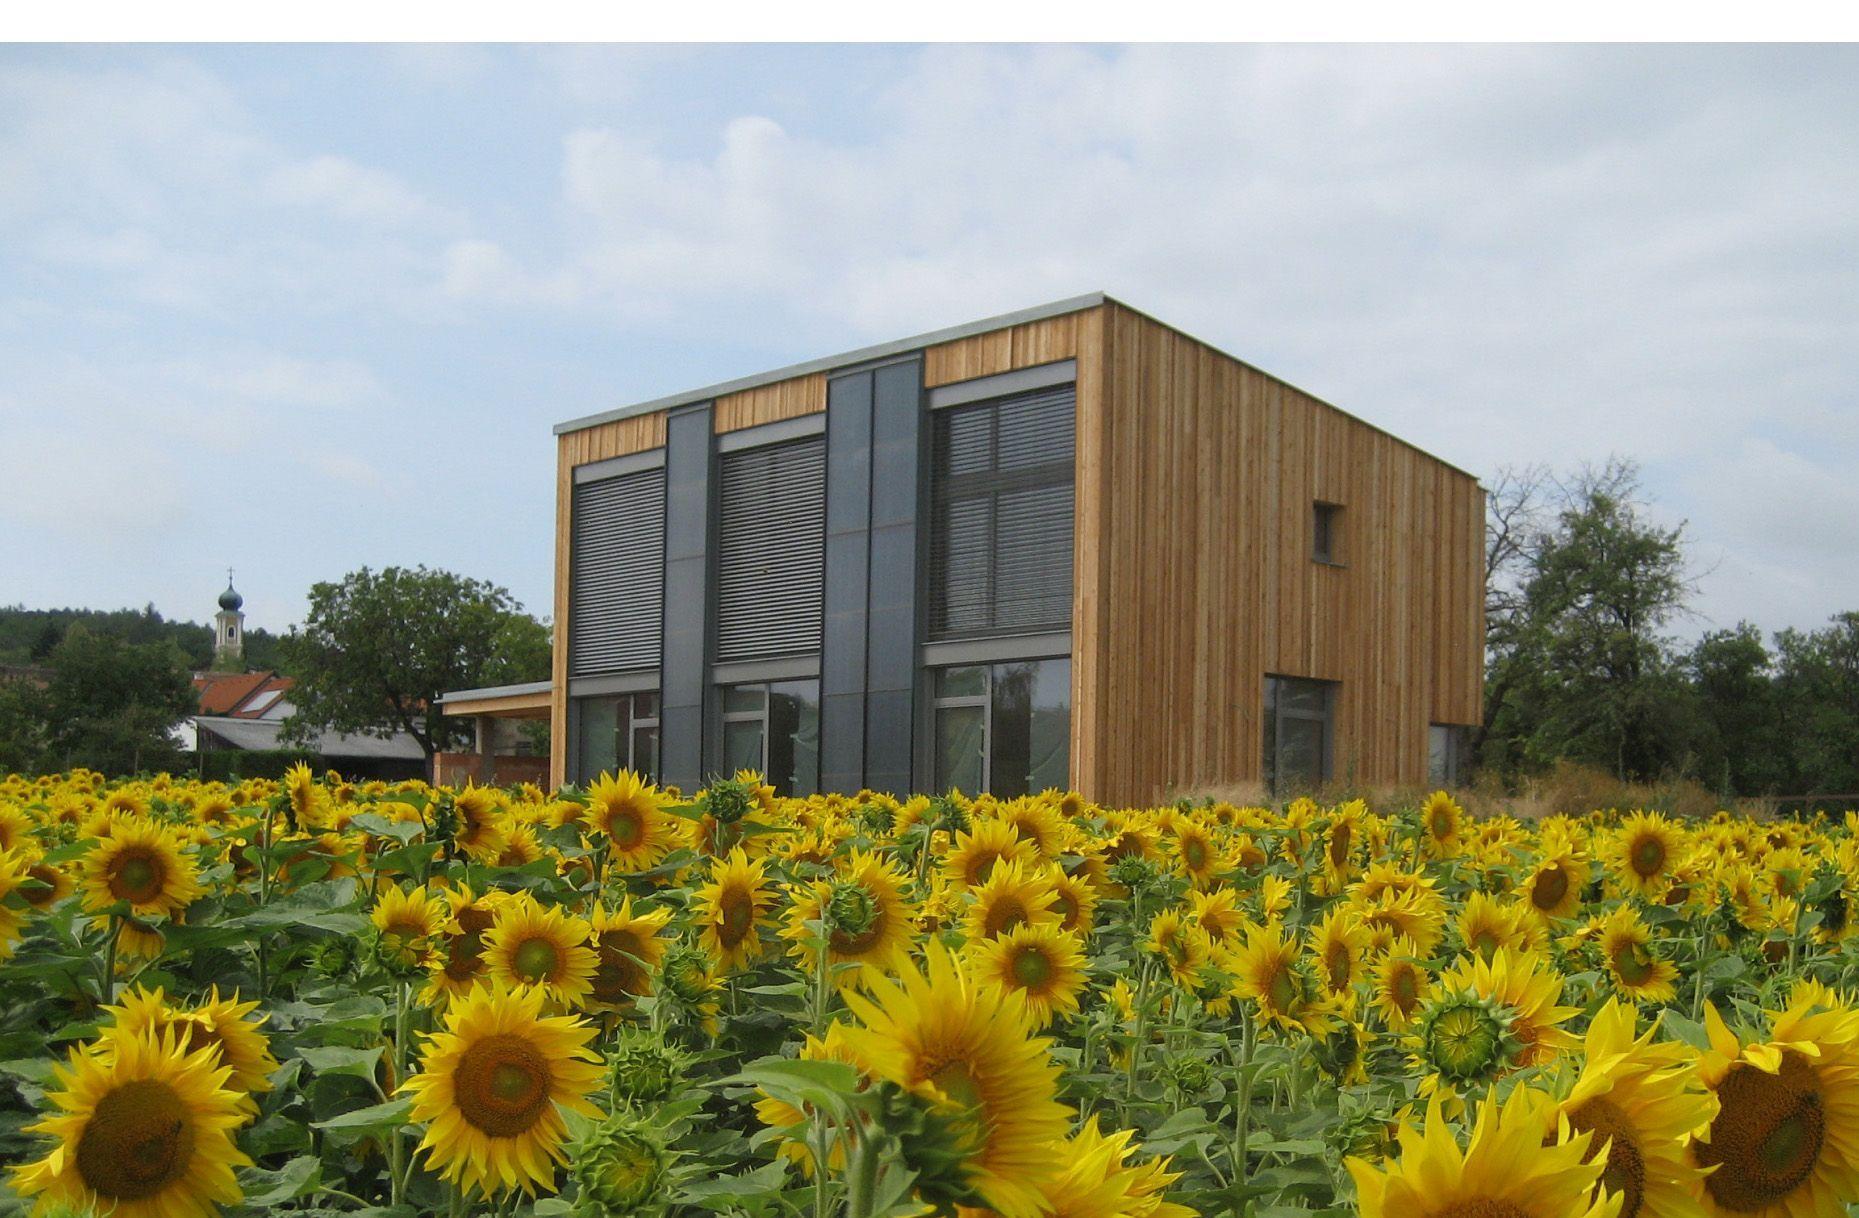 Moderne Heizung Einfamilienhaus solarwärme - die moderne art zu heizen | solarwärme.at | solarwärme.at